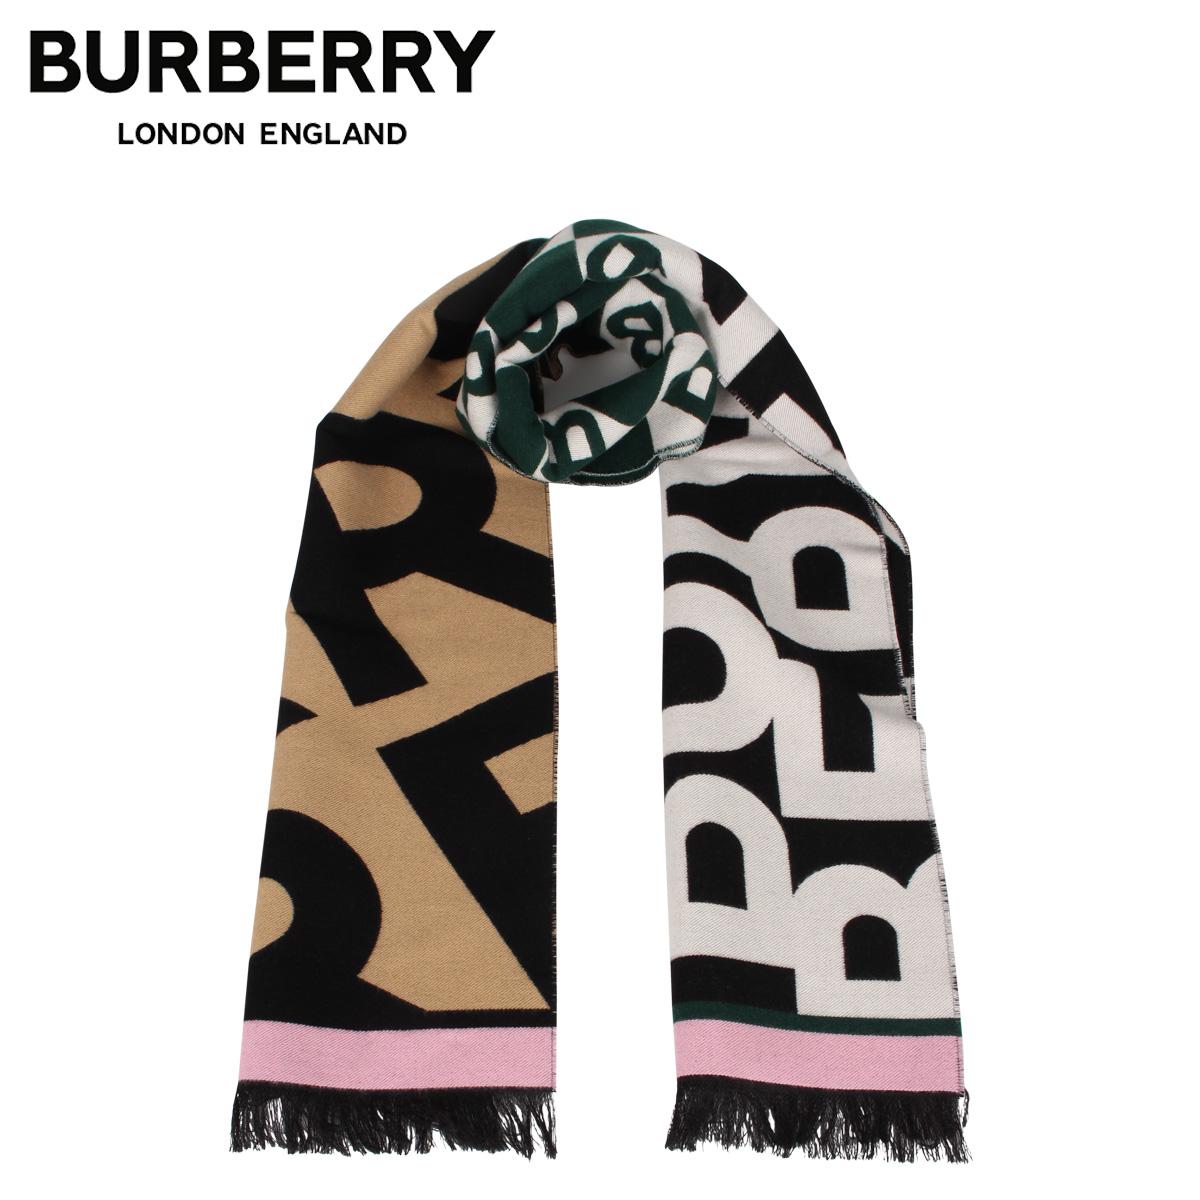 BURBERRY バーバリー マフラー スカーフ メンズ レディース ウール シルク MUFFLER マルチカラー 8023070